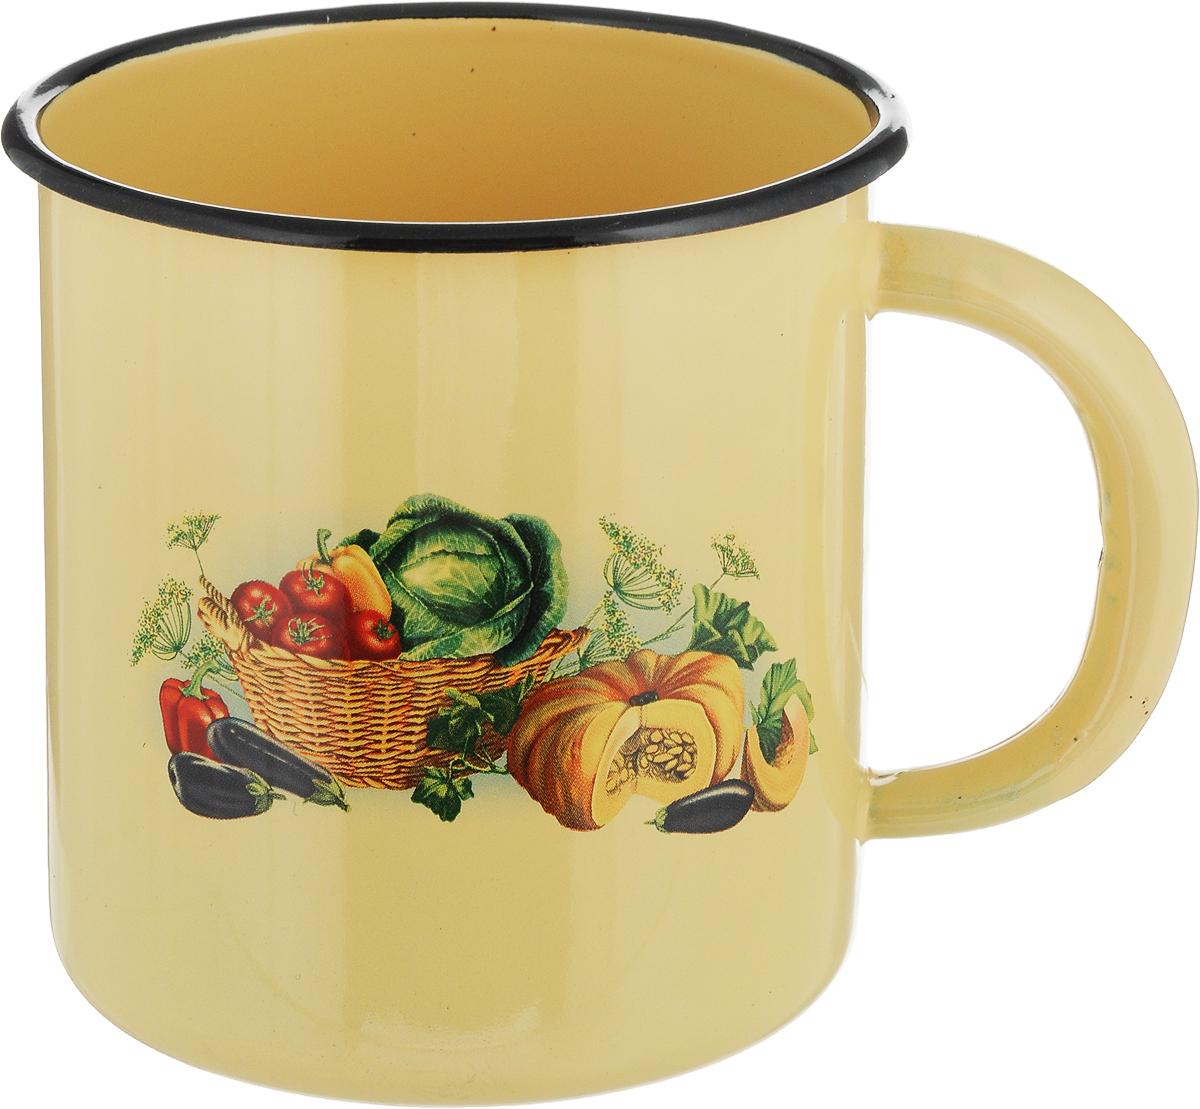 Кружка эмалированная СтальЭмаль Овощи, 1 л1с3с_овощиКружка эмалированная СтальЭмаль Овощи, 1 л